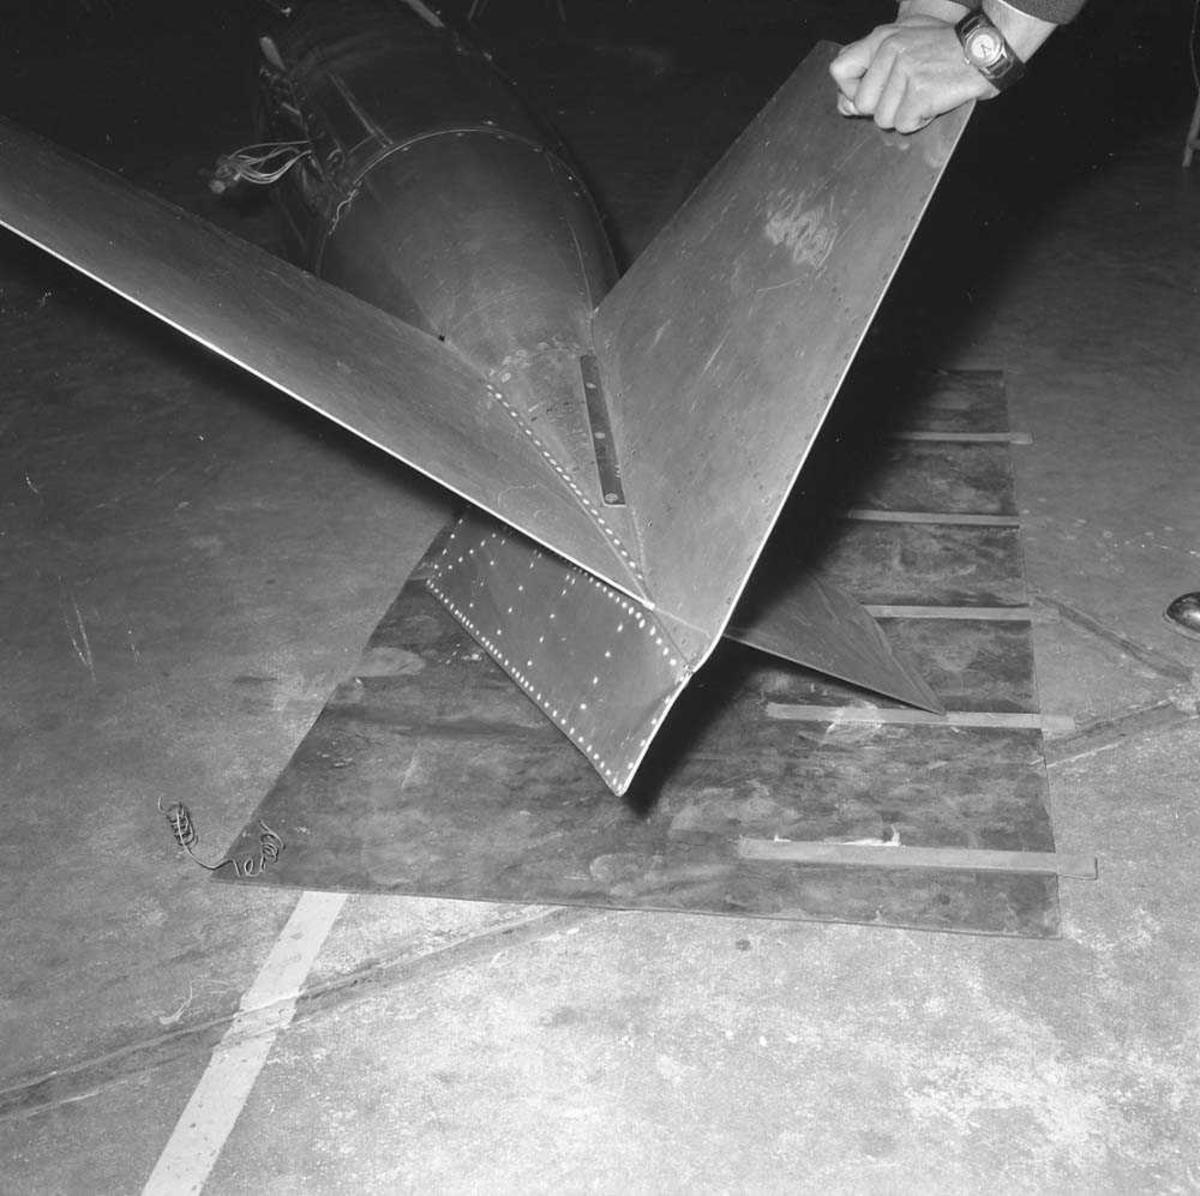 Arbeidsuhell på F-104 Starfighter i Hangar A på Bodø flystasjon. Dropptanken har falt av fra vingefestet ved at utløsermekanismen ble utløst ved en feil.